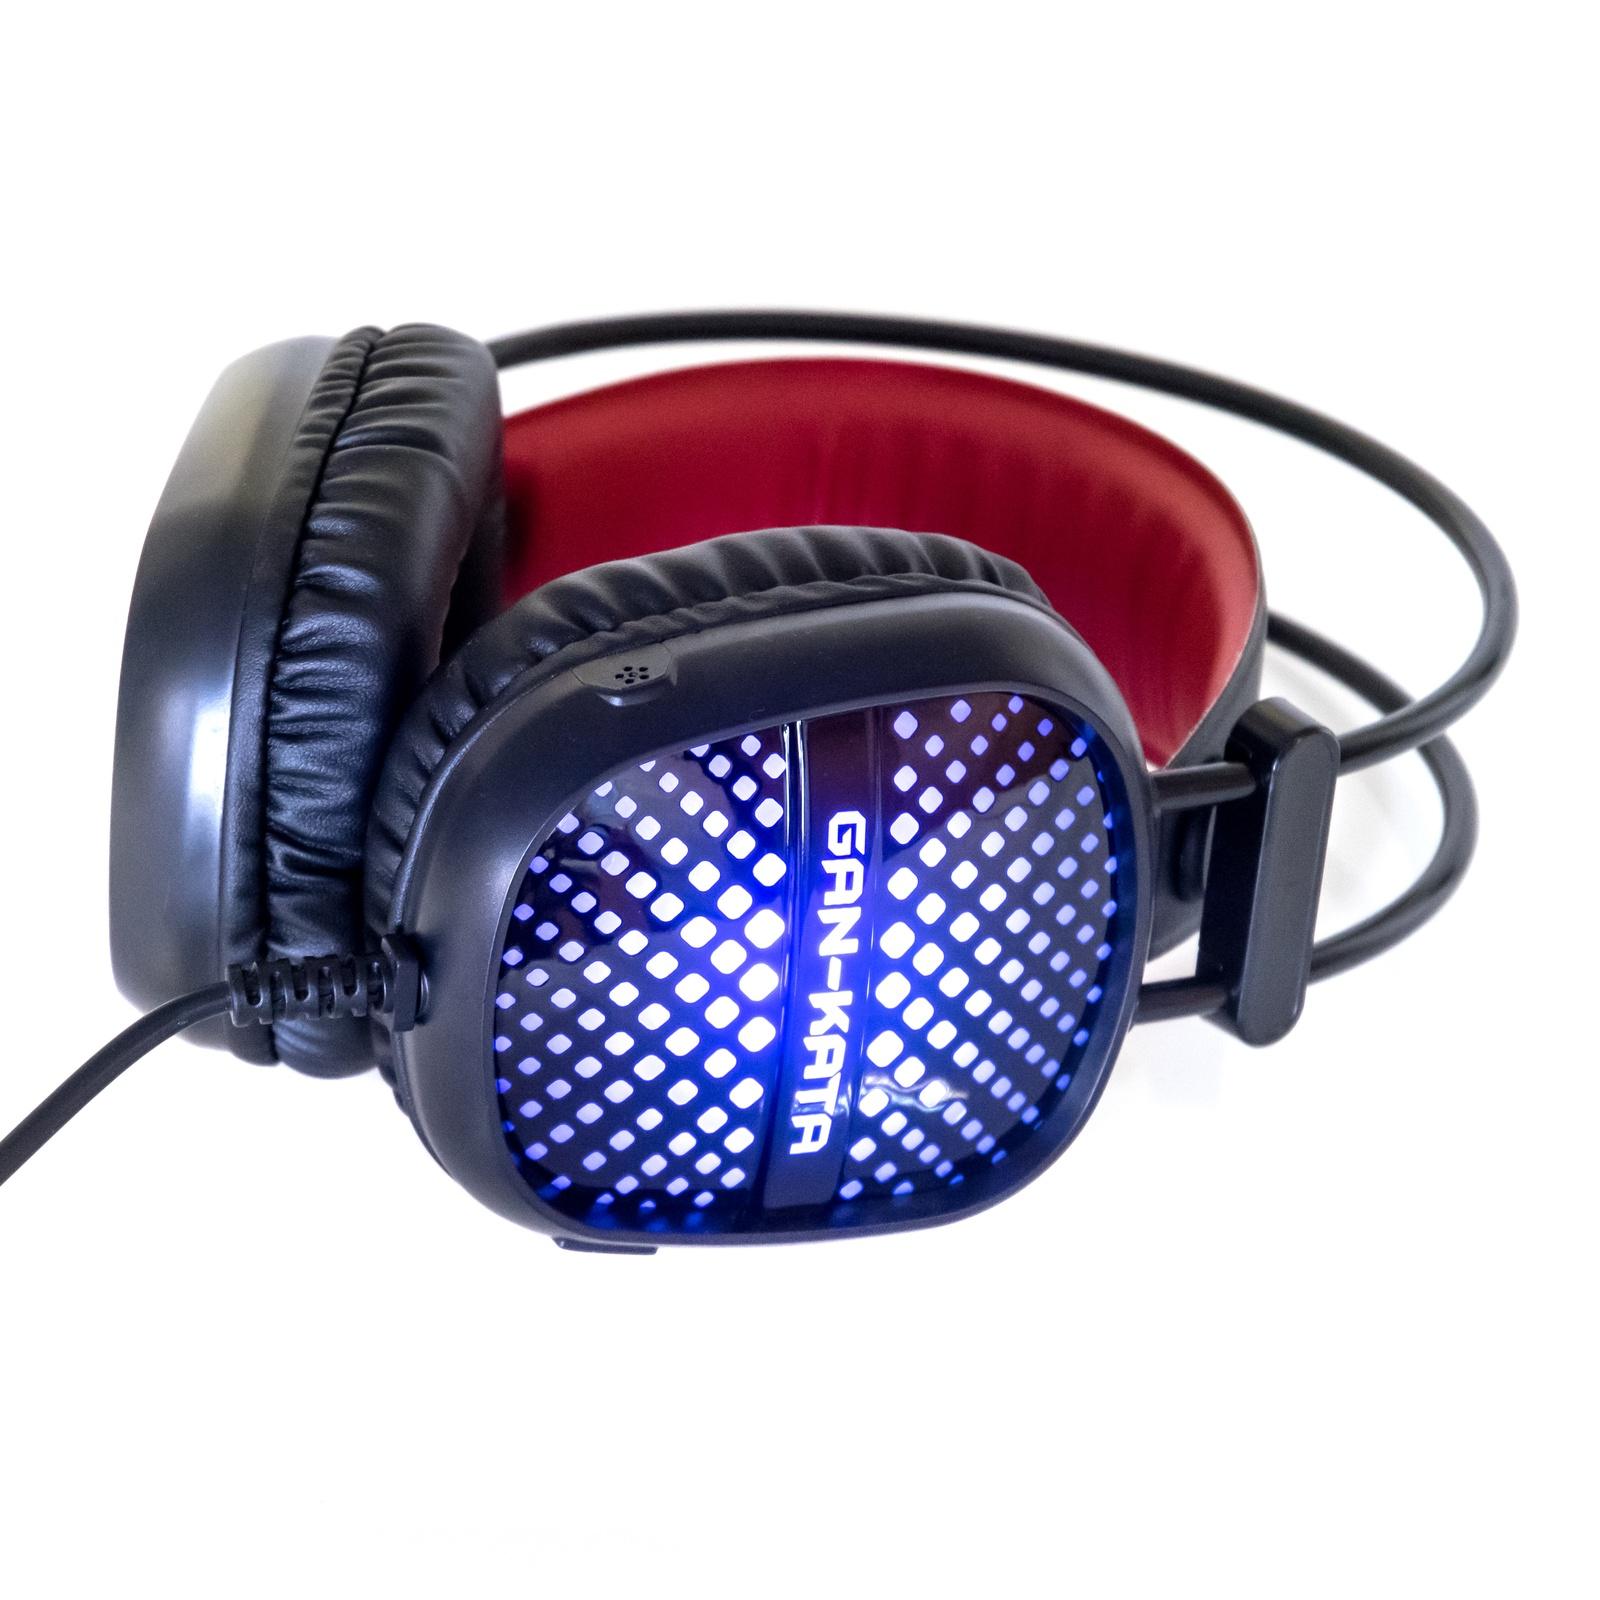 Игровые наушники DIALOG Gan-Kata HGK-20L, игровая, с подсветкой, с регулятором громкости цена и фото